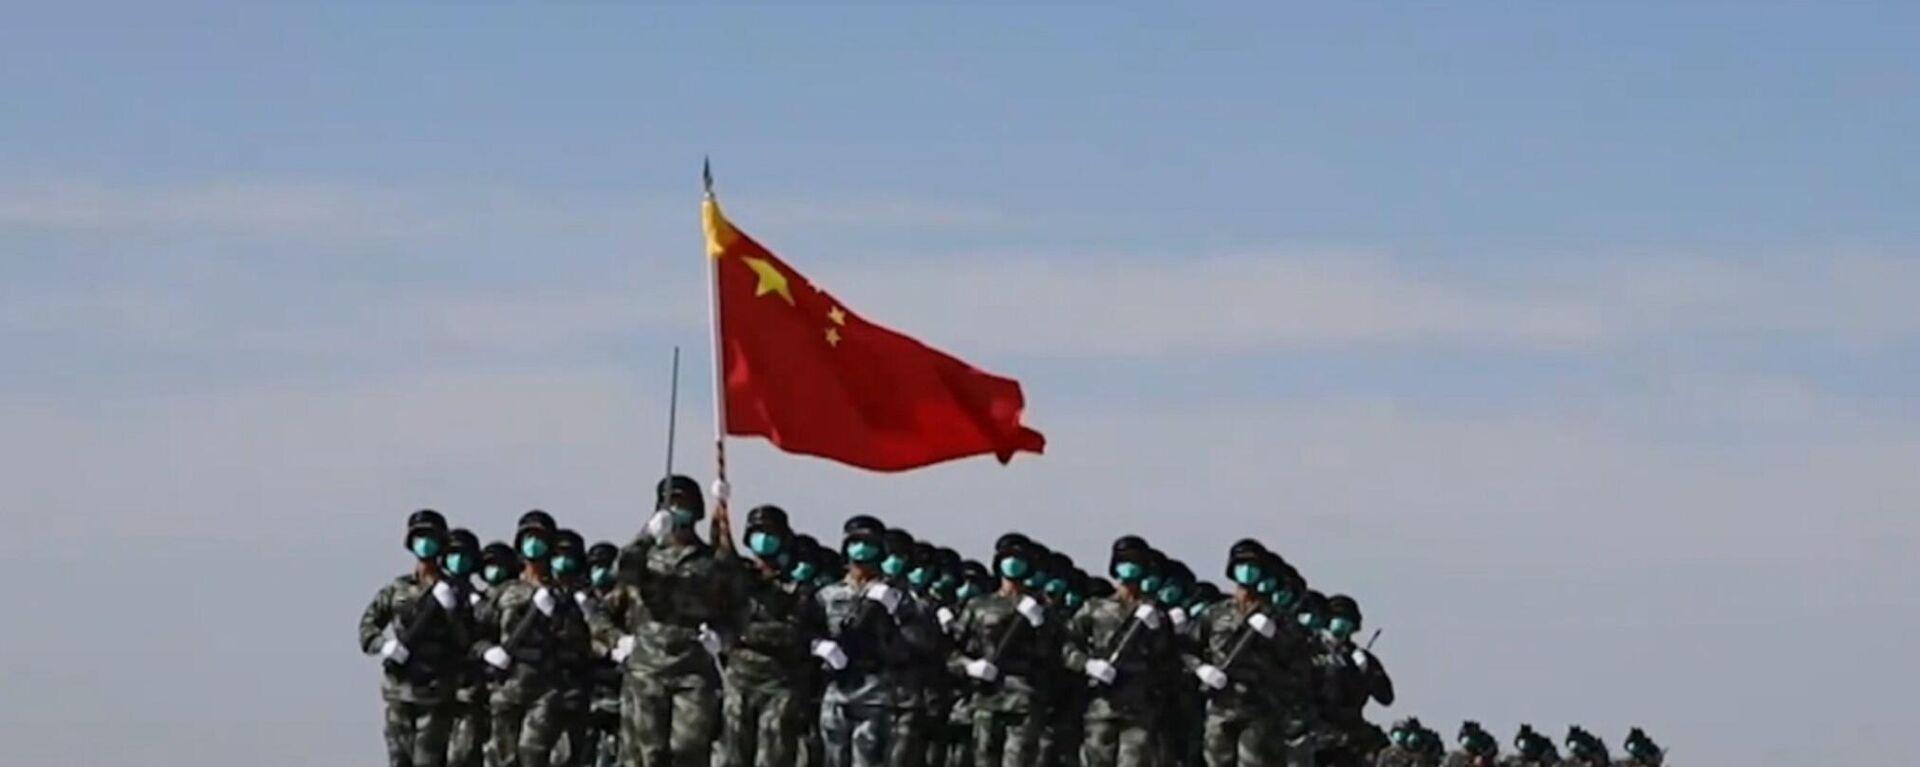 Cina-Russia: esercitazioni militari congiunte contro la minaccia terroristica - Sputnik Italia, 1920, 11.08.2021